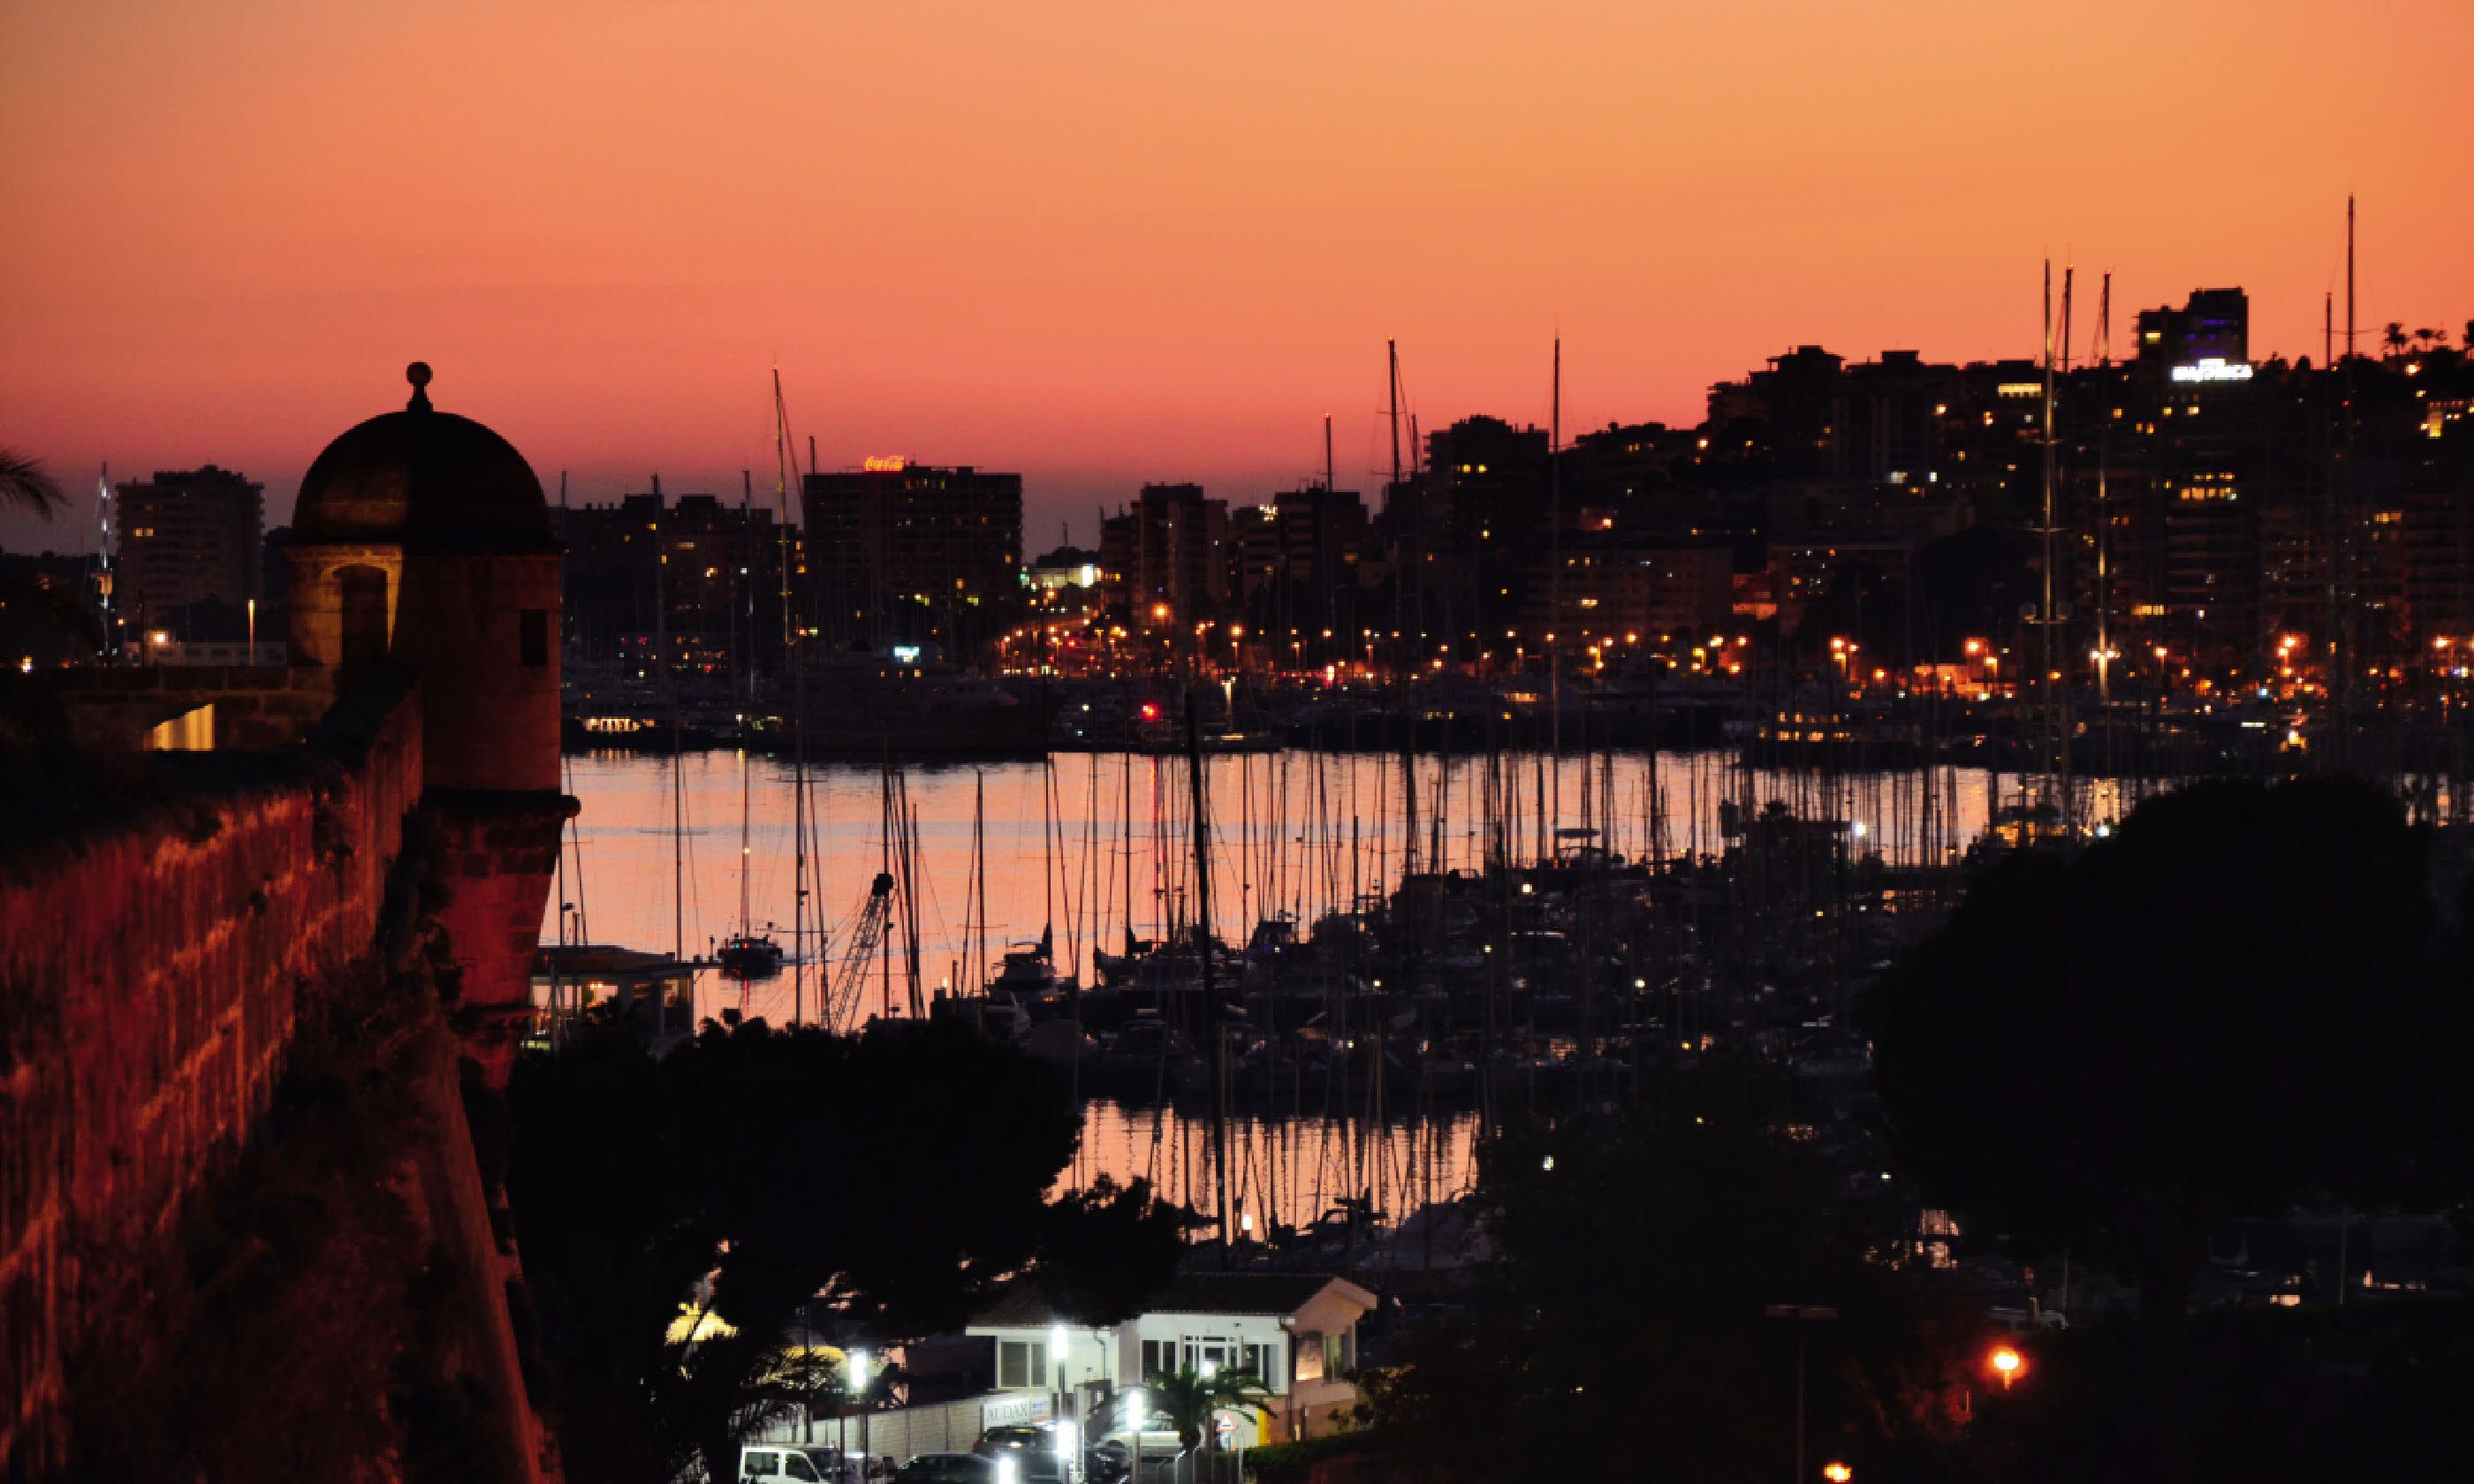 Sunset from Museu d'Art Modern (Neil S Price)